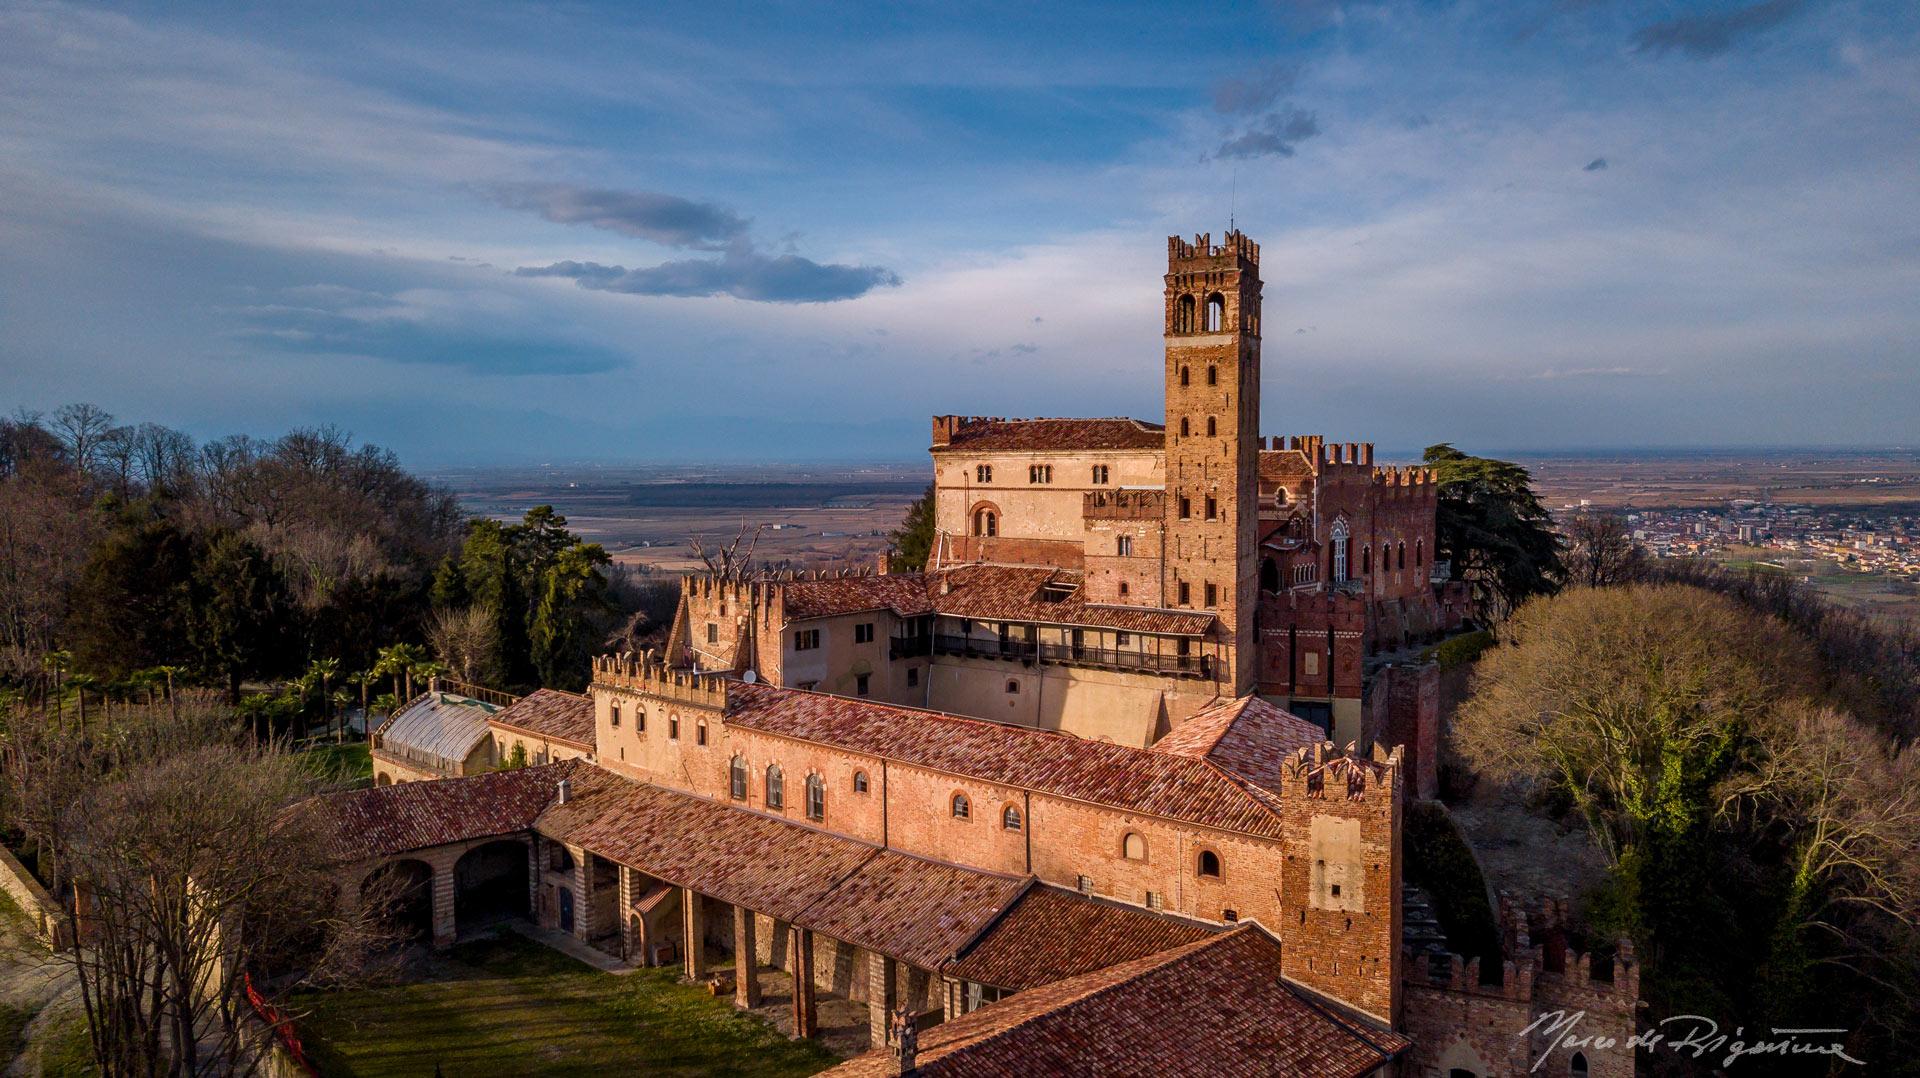 esperienza drone immagine portfolio turismo promozione territorio italia antiche residenze castelli alberghi hotel castello_cimino.jpg